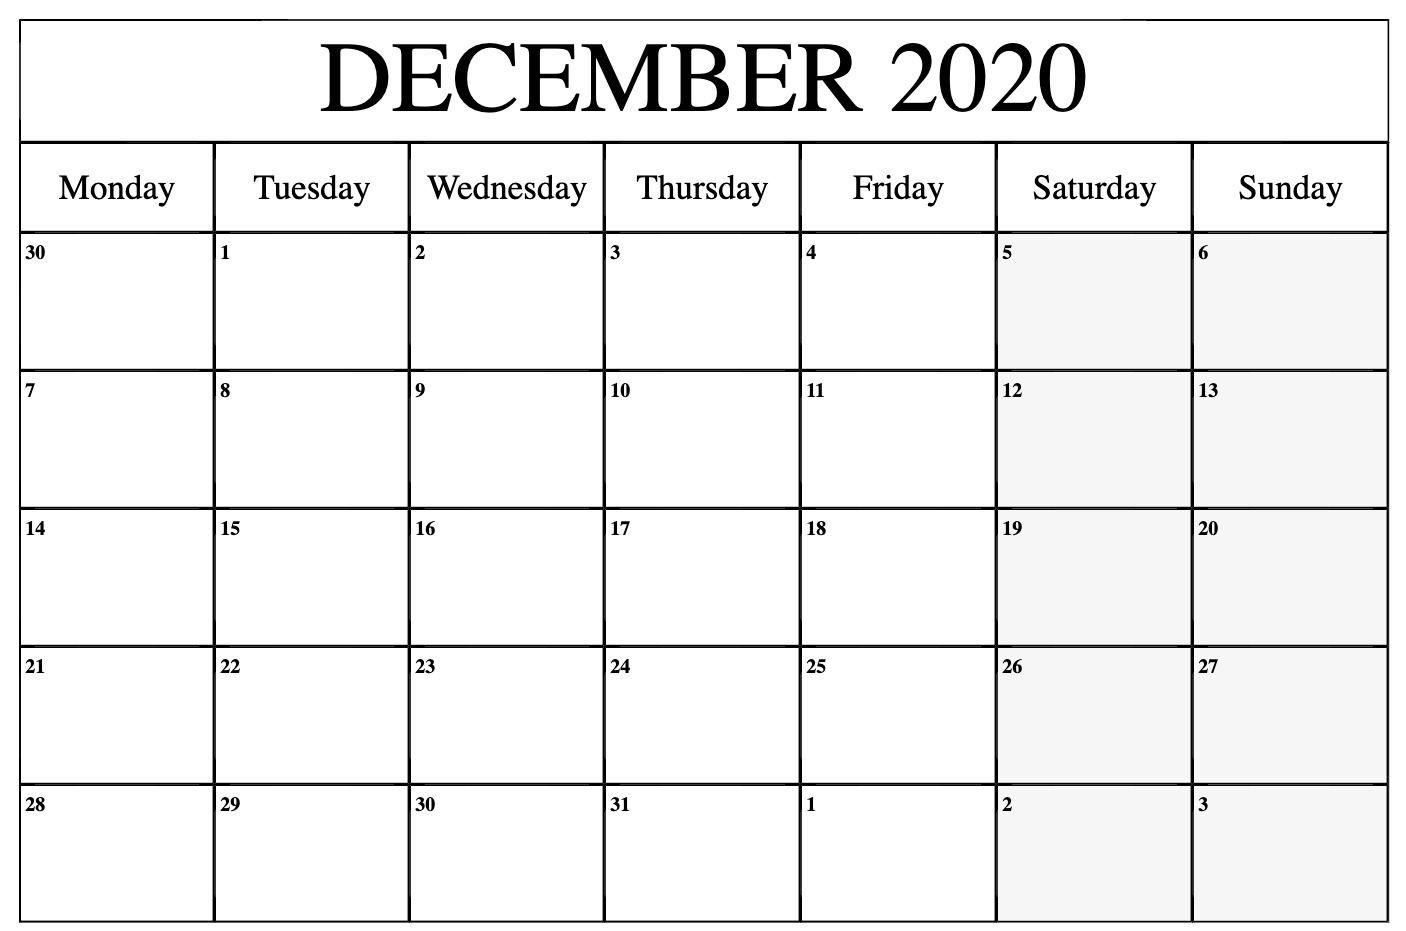 2020 December Calendar   Monthly Calendars   October-2020 August September Octobercalendar Monthly